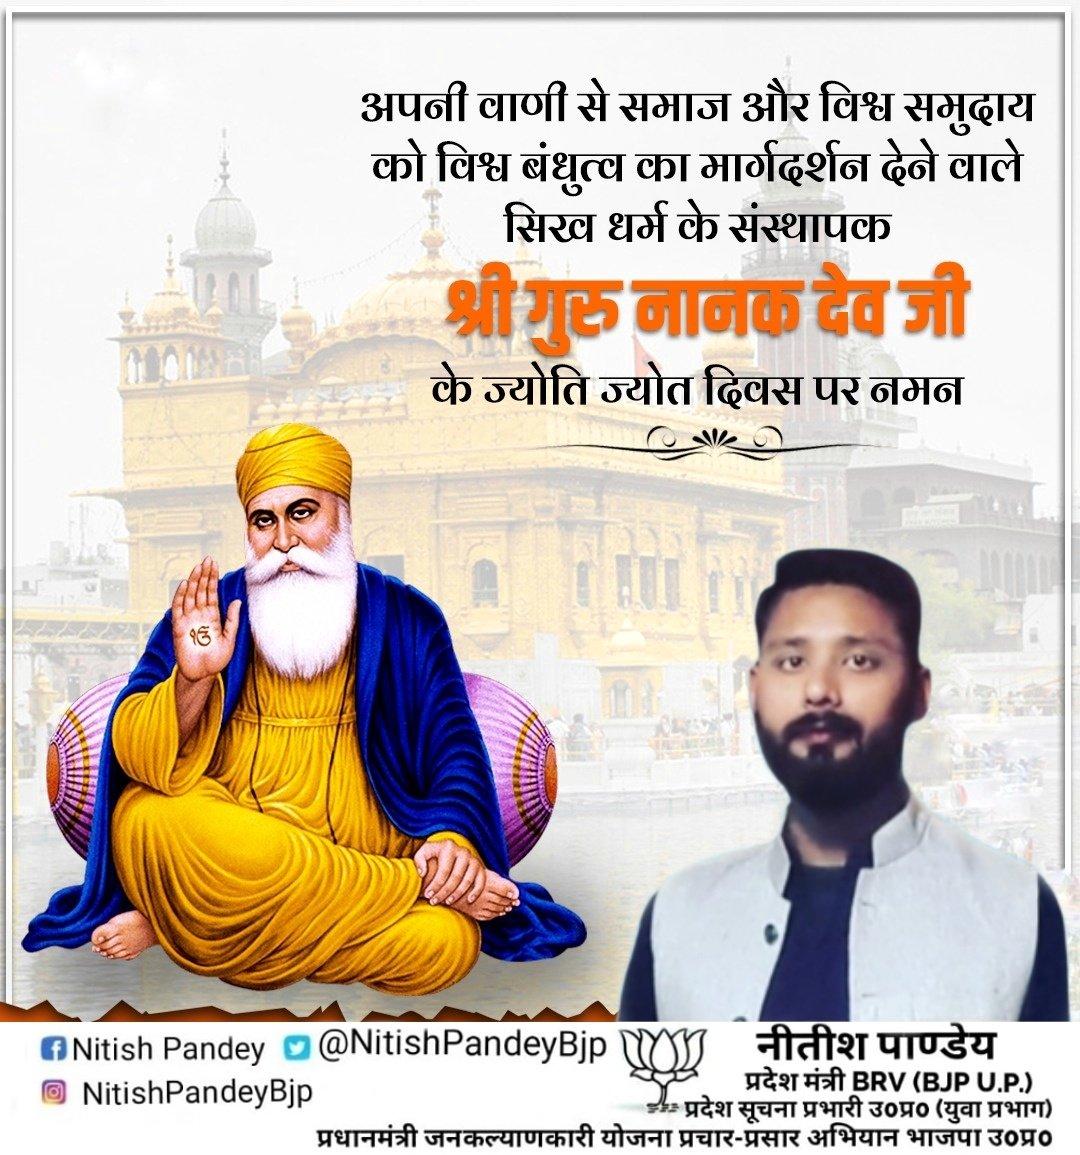 ईश्वर की भक्ति करने वालों को किसी का भय नहीं रहता। महान संत, कवि, विचारक, सिख धर्म के प्रवर्तक एवं सिख धर्म के प्रथम गुरु पूज्य गुरुनानक देव जी के ज्योति ज्योत पर्व पर उन्हें शत्-शत् नमन #GuruNanakDevJi #NitishPandeyBjp